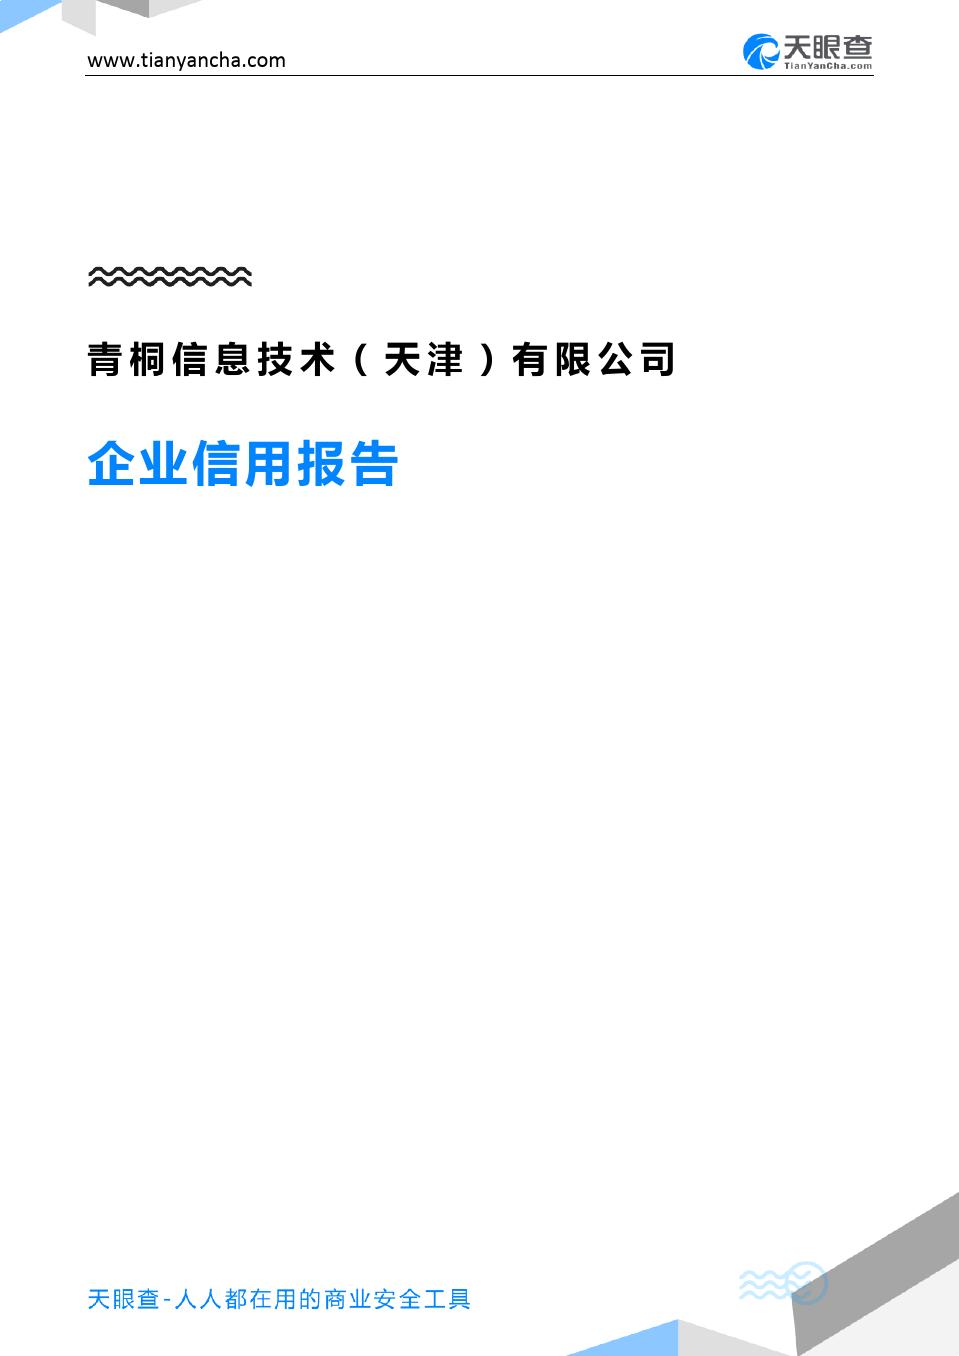 青桐信息技术(天津)有限公司(企业信用报告)- 天眼查